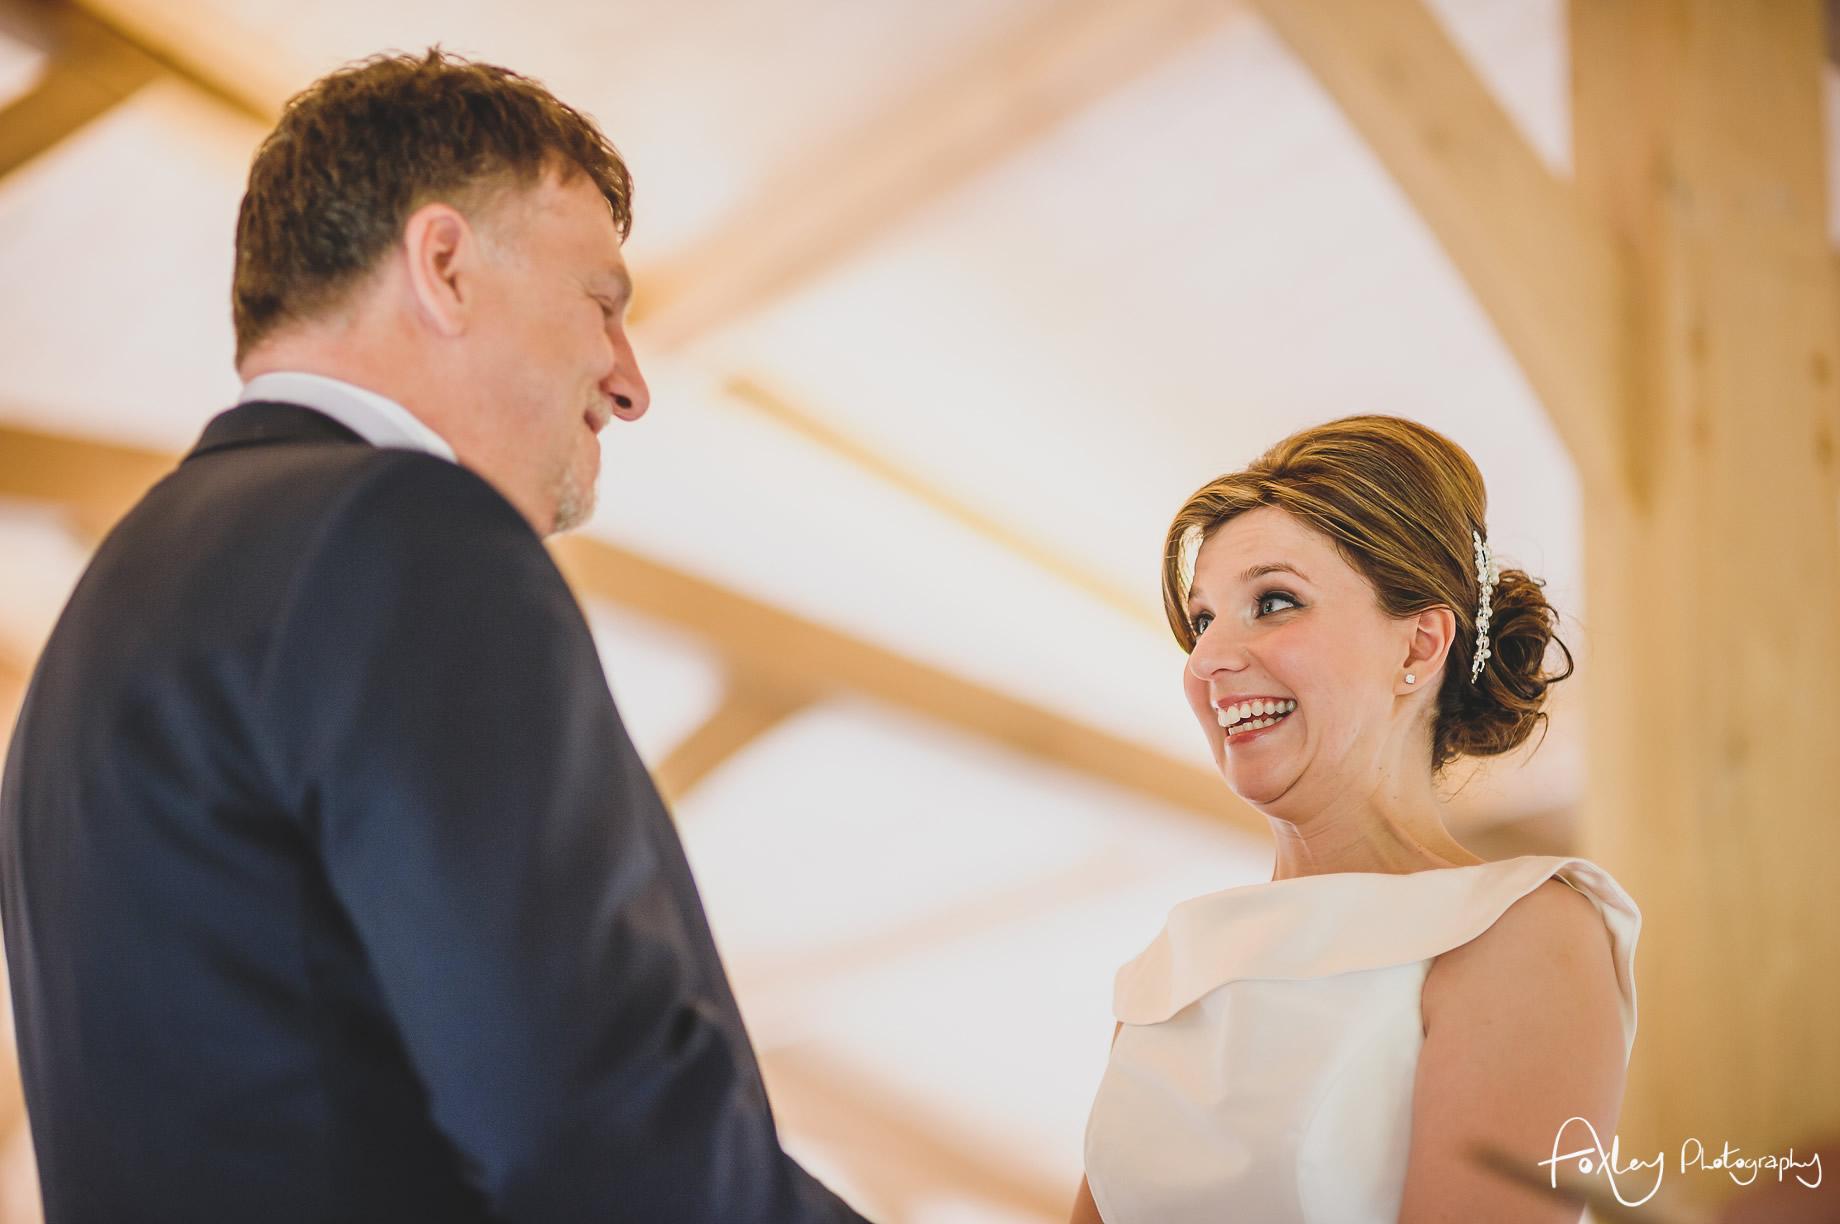 Simona-and-Robert-Wedding-at-Colshaw-Hall-104